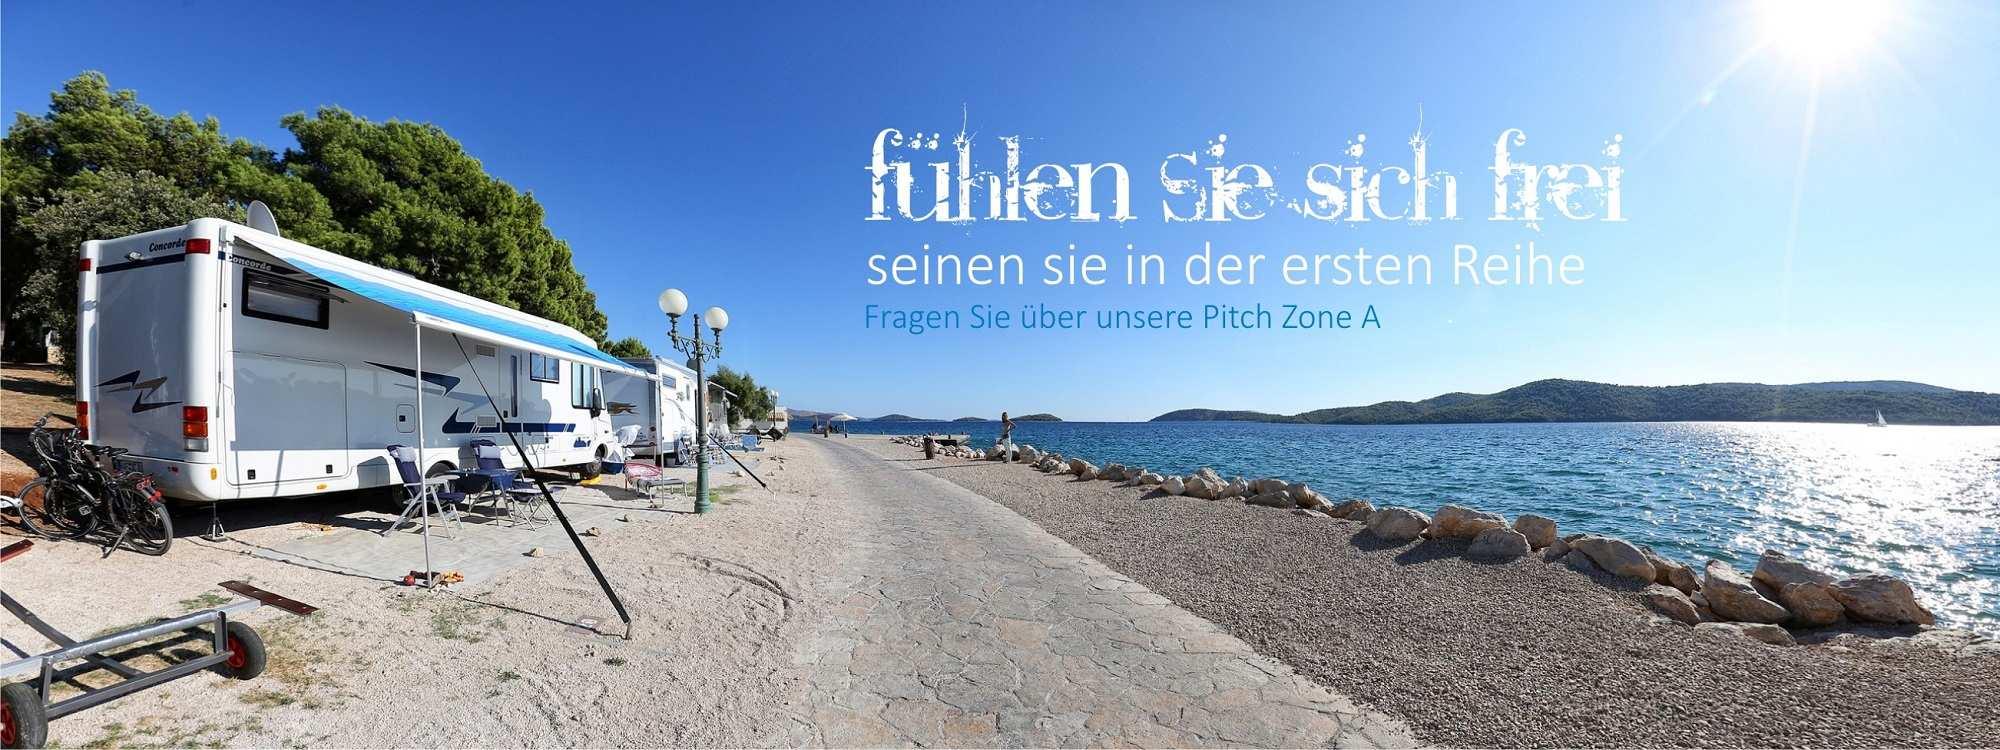 Solaris_camping_beach_resort_kroatien_pitch_zone_a_erste_reihe_gleich_neben_dem_meer-1